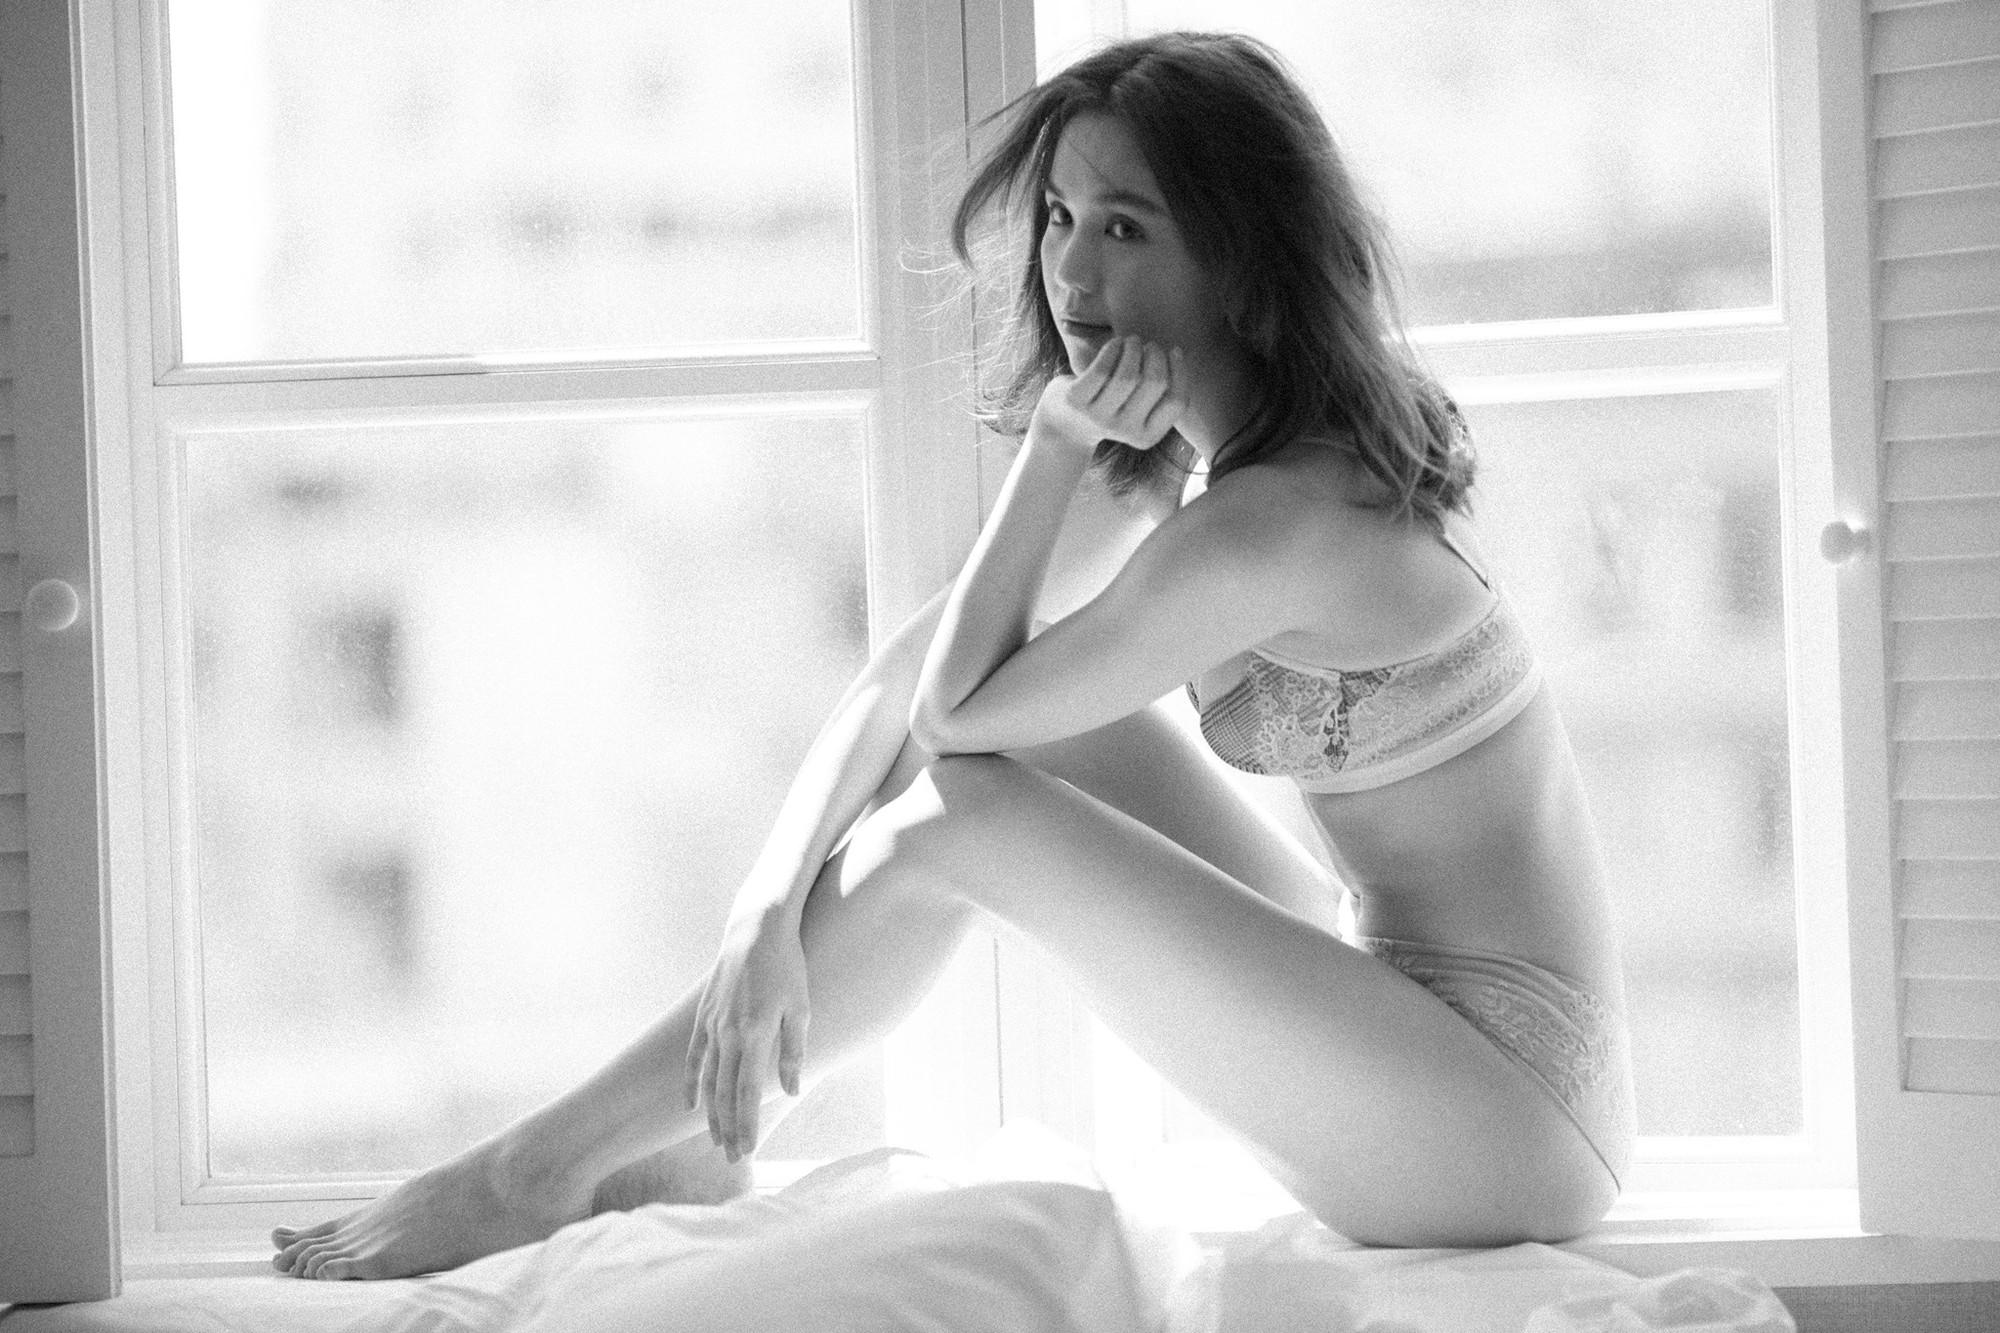 Sau bao ngày im ắng, Ngọc Trinh bất ngờ tái xuất với bộ ảnh nội y khoe đường cong sexy - Ảnh 9.